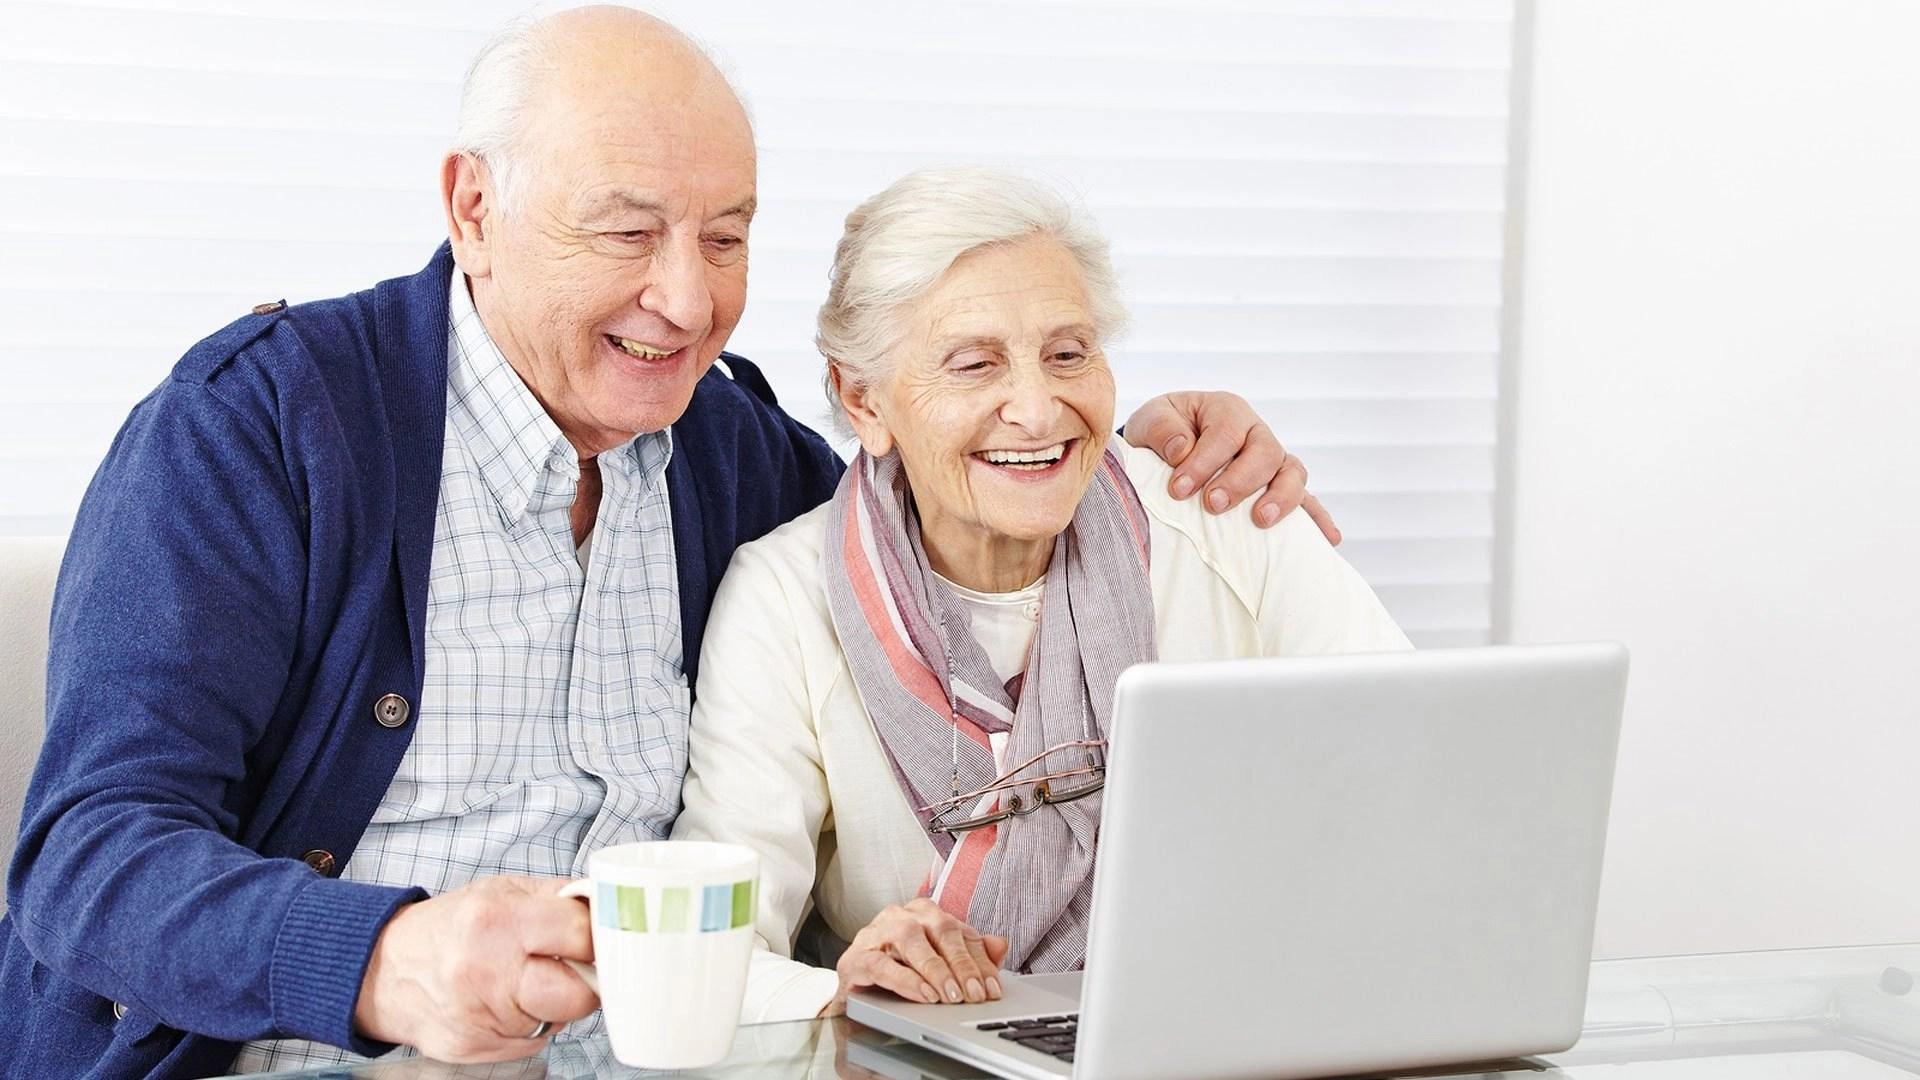 Tecnologia e rapporti di coppia: effetti positivi e negativi